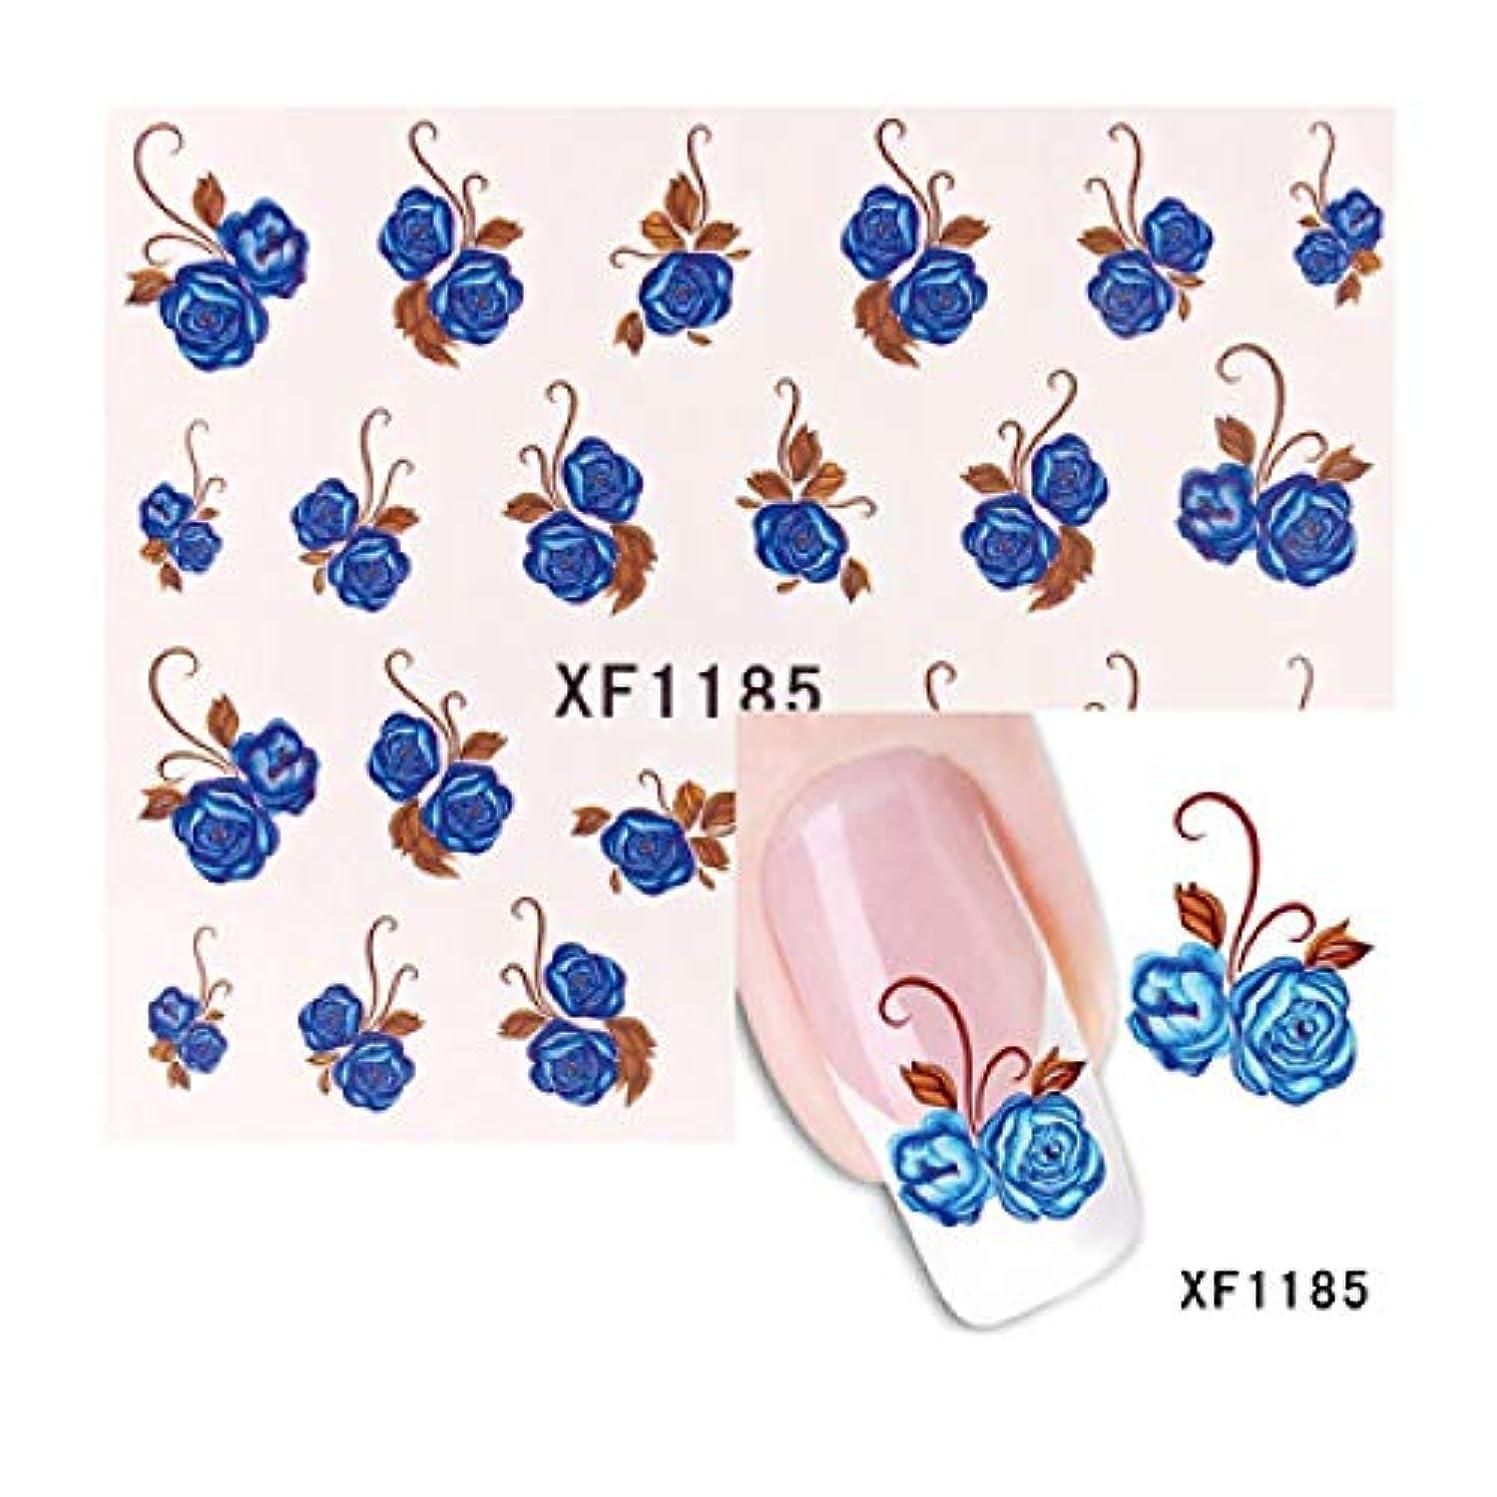 解明する無駄な充電SUKTI&XIAO ネイルステッカー 1シート水転写ネイルアートステッカー花蝶デザインネイルラップステッカーヒント用品デカール、Xf1185